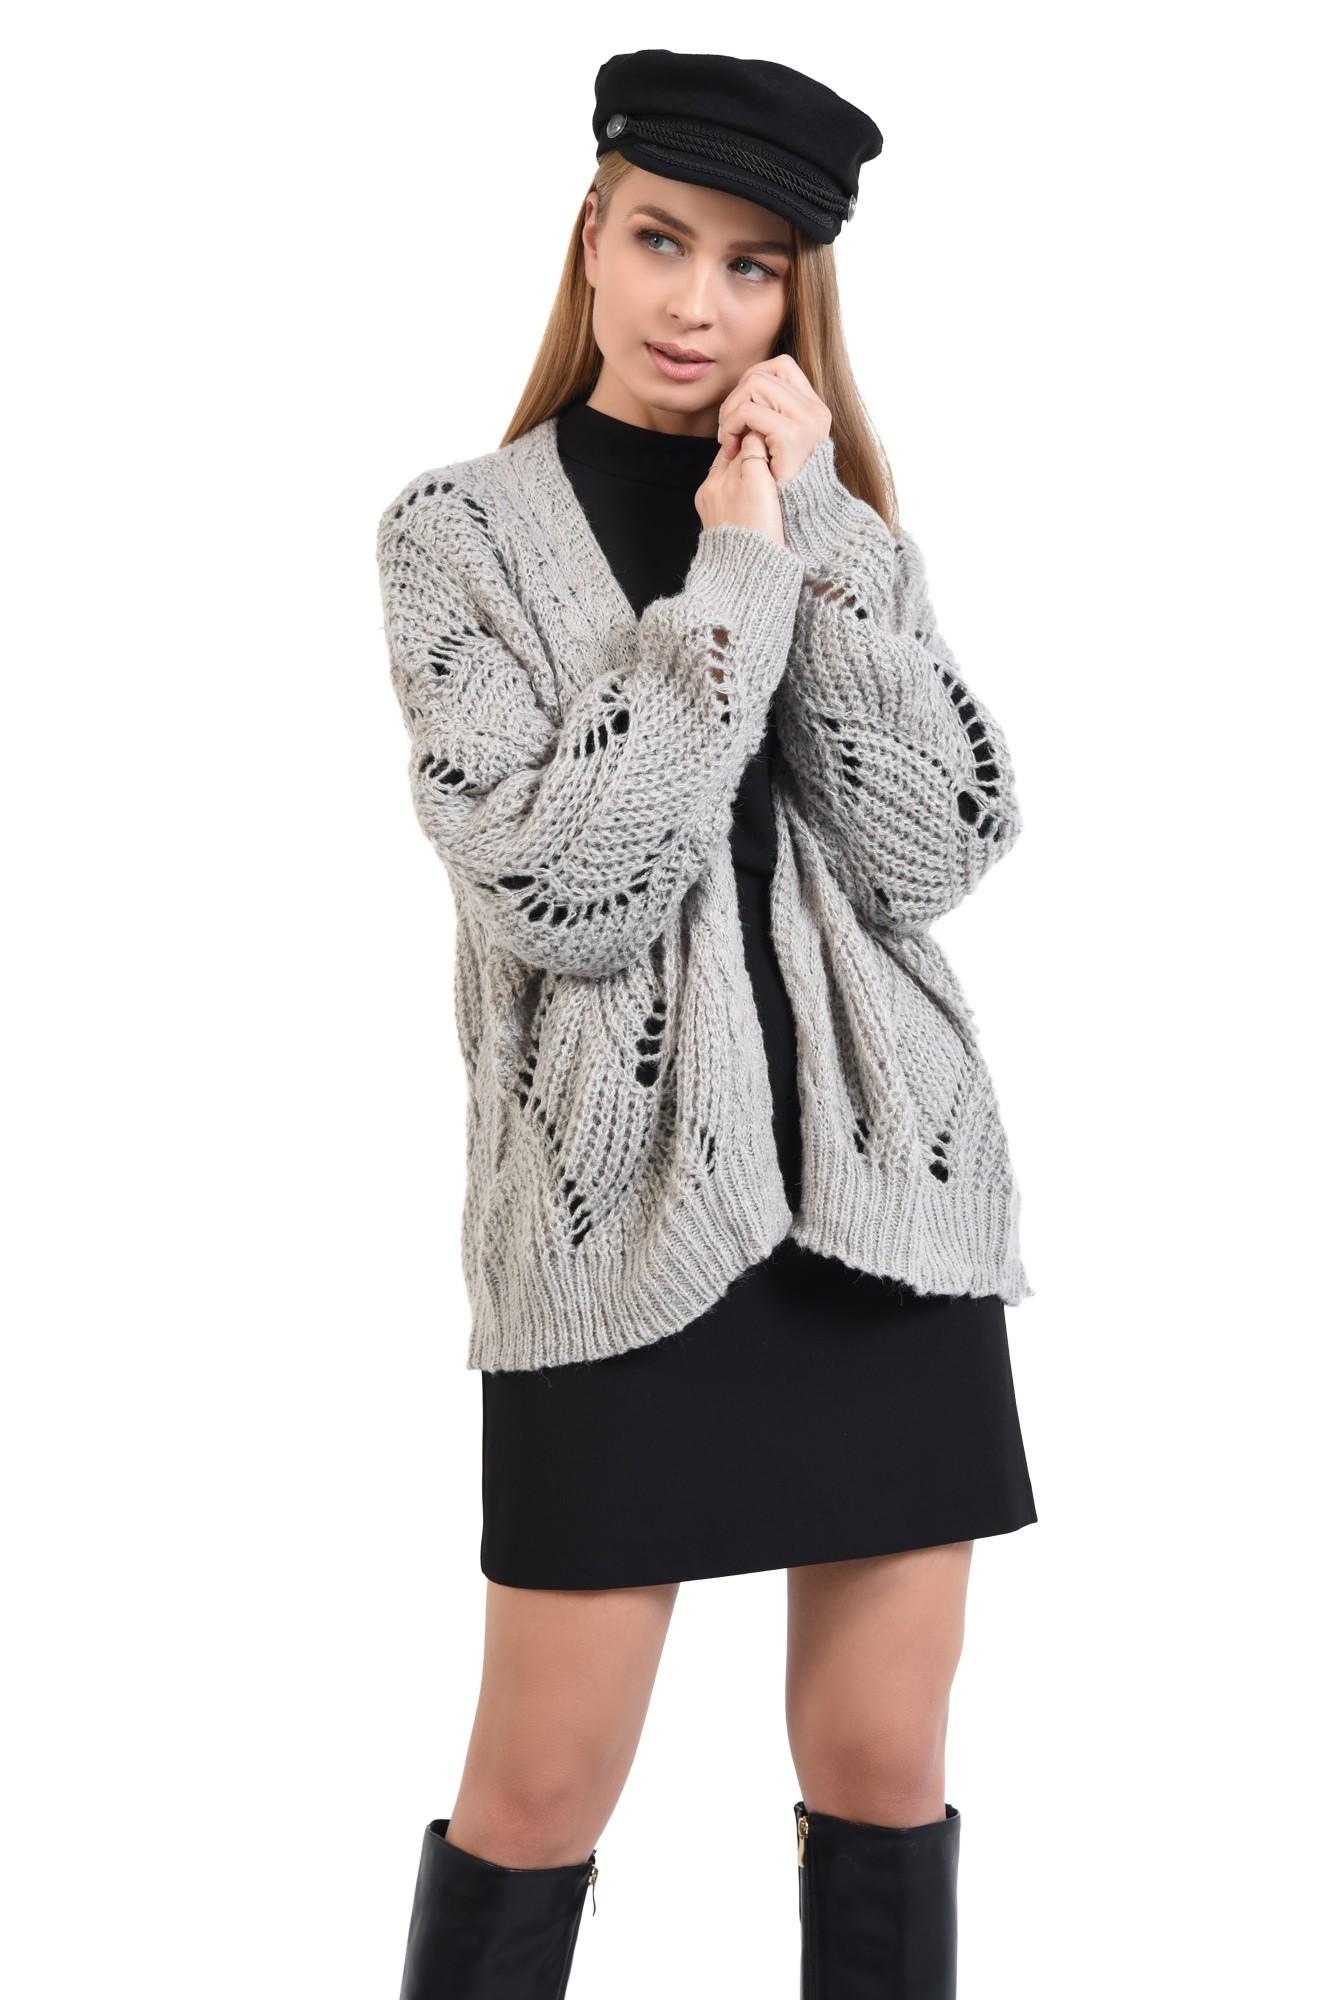 0 - cardigan tricotat, gri, fara sistem de inchidere, cu gaurele